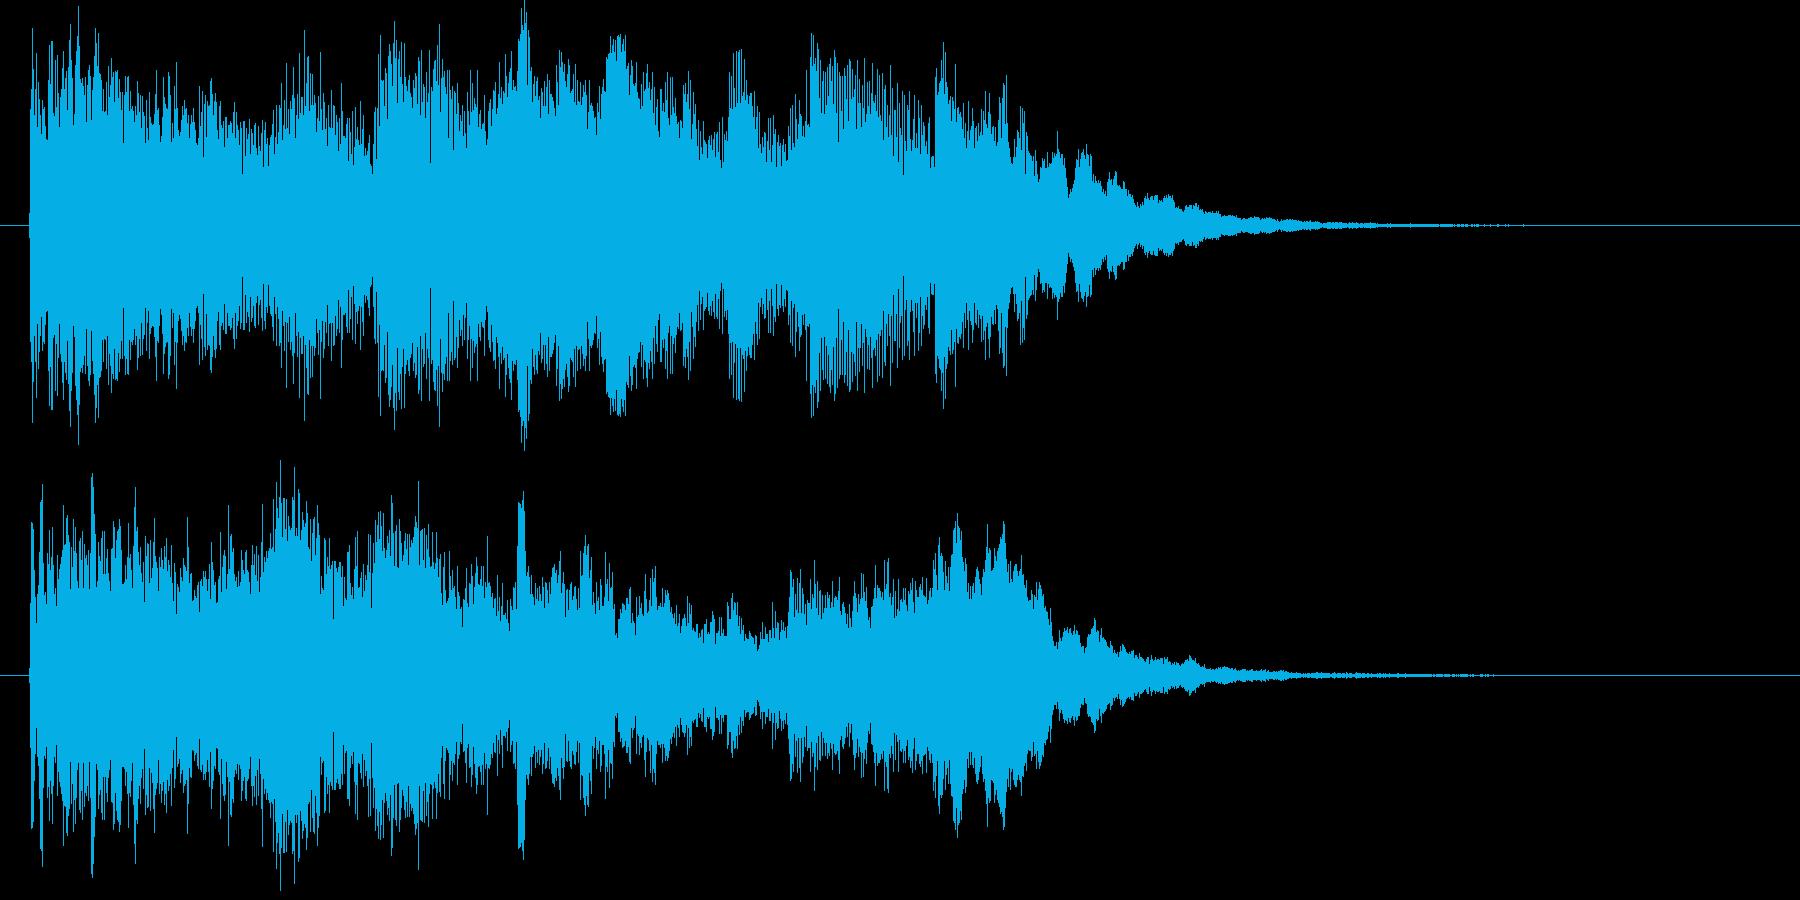 宇宙的で不思議な雰囲気のサウンドロゴの再生済みの波形